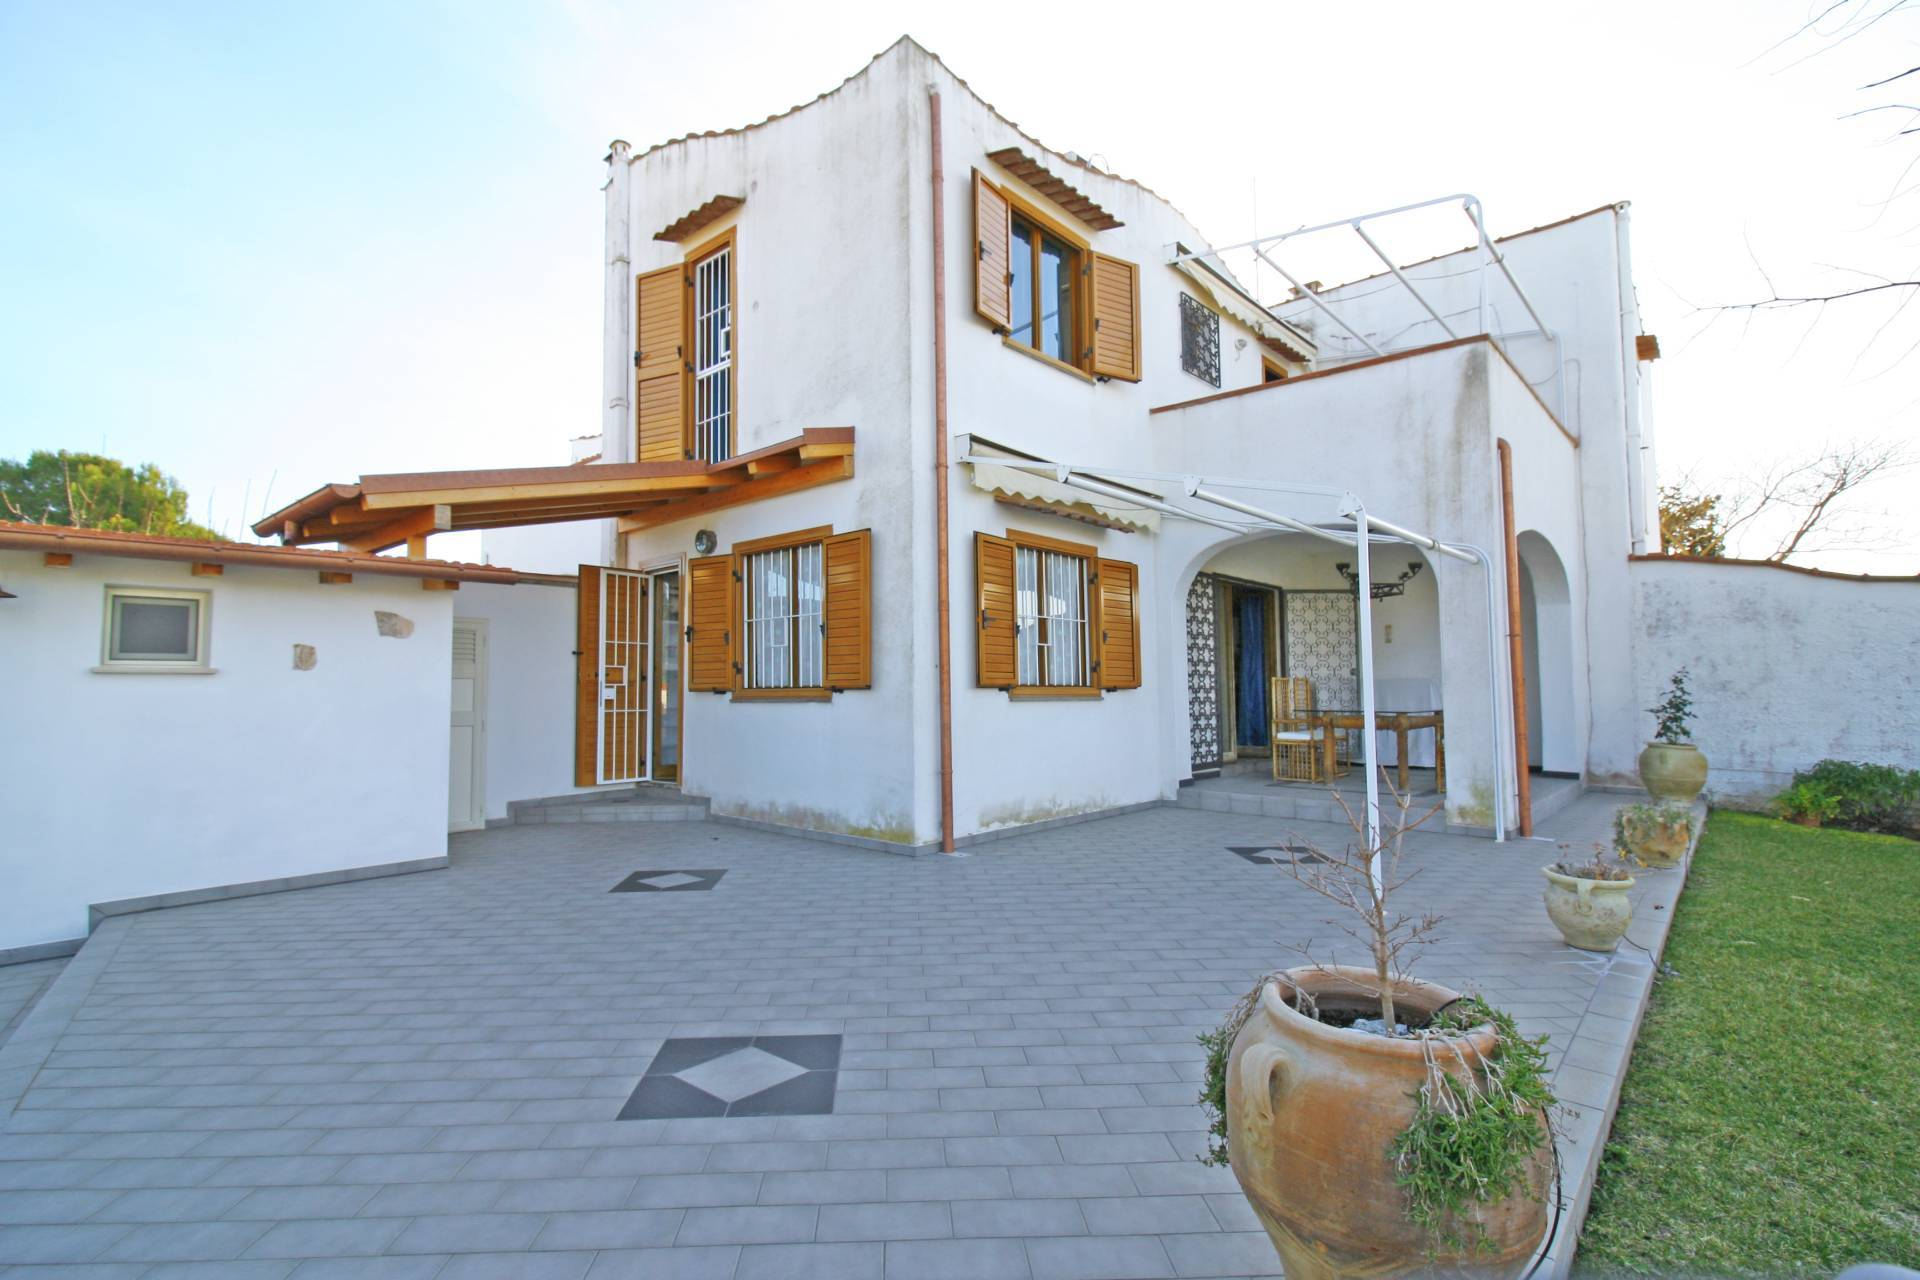 Villa in vendita a Montalto di Castro, 3 locali, zona Località: MontaltoMarina, prezzo € 260.000 | CambioCasa.it